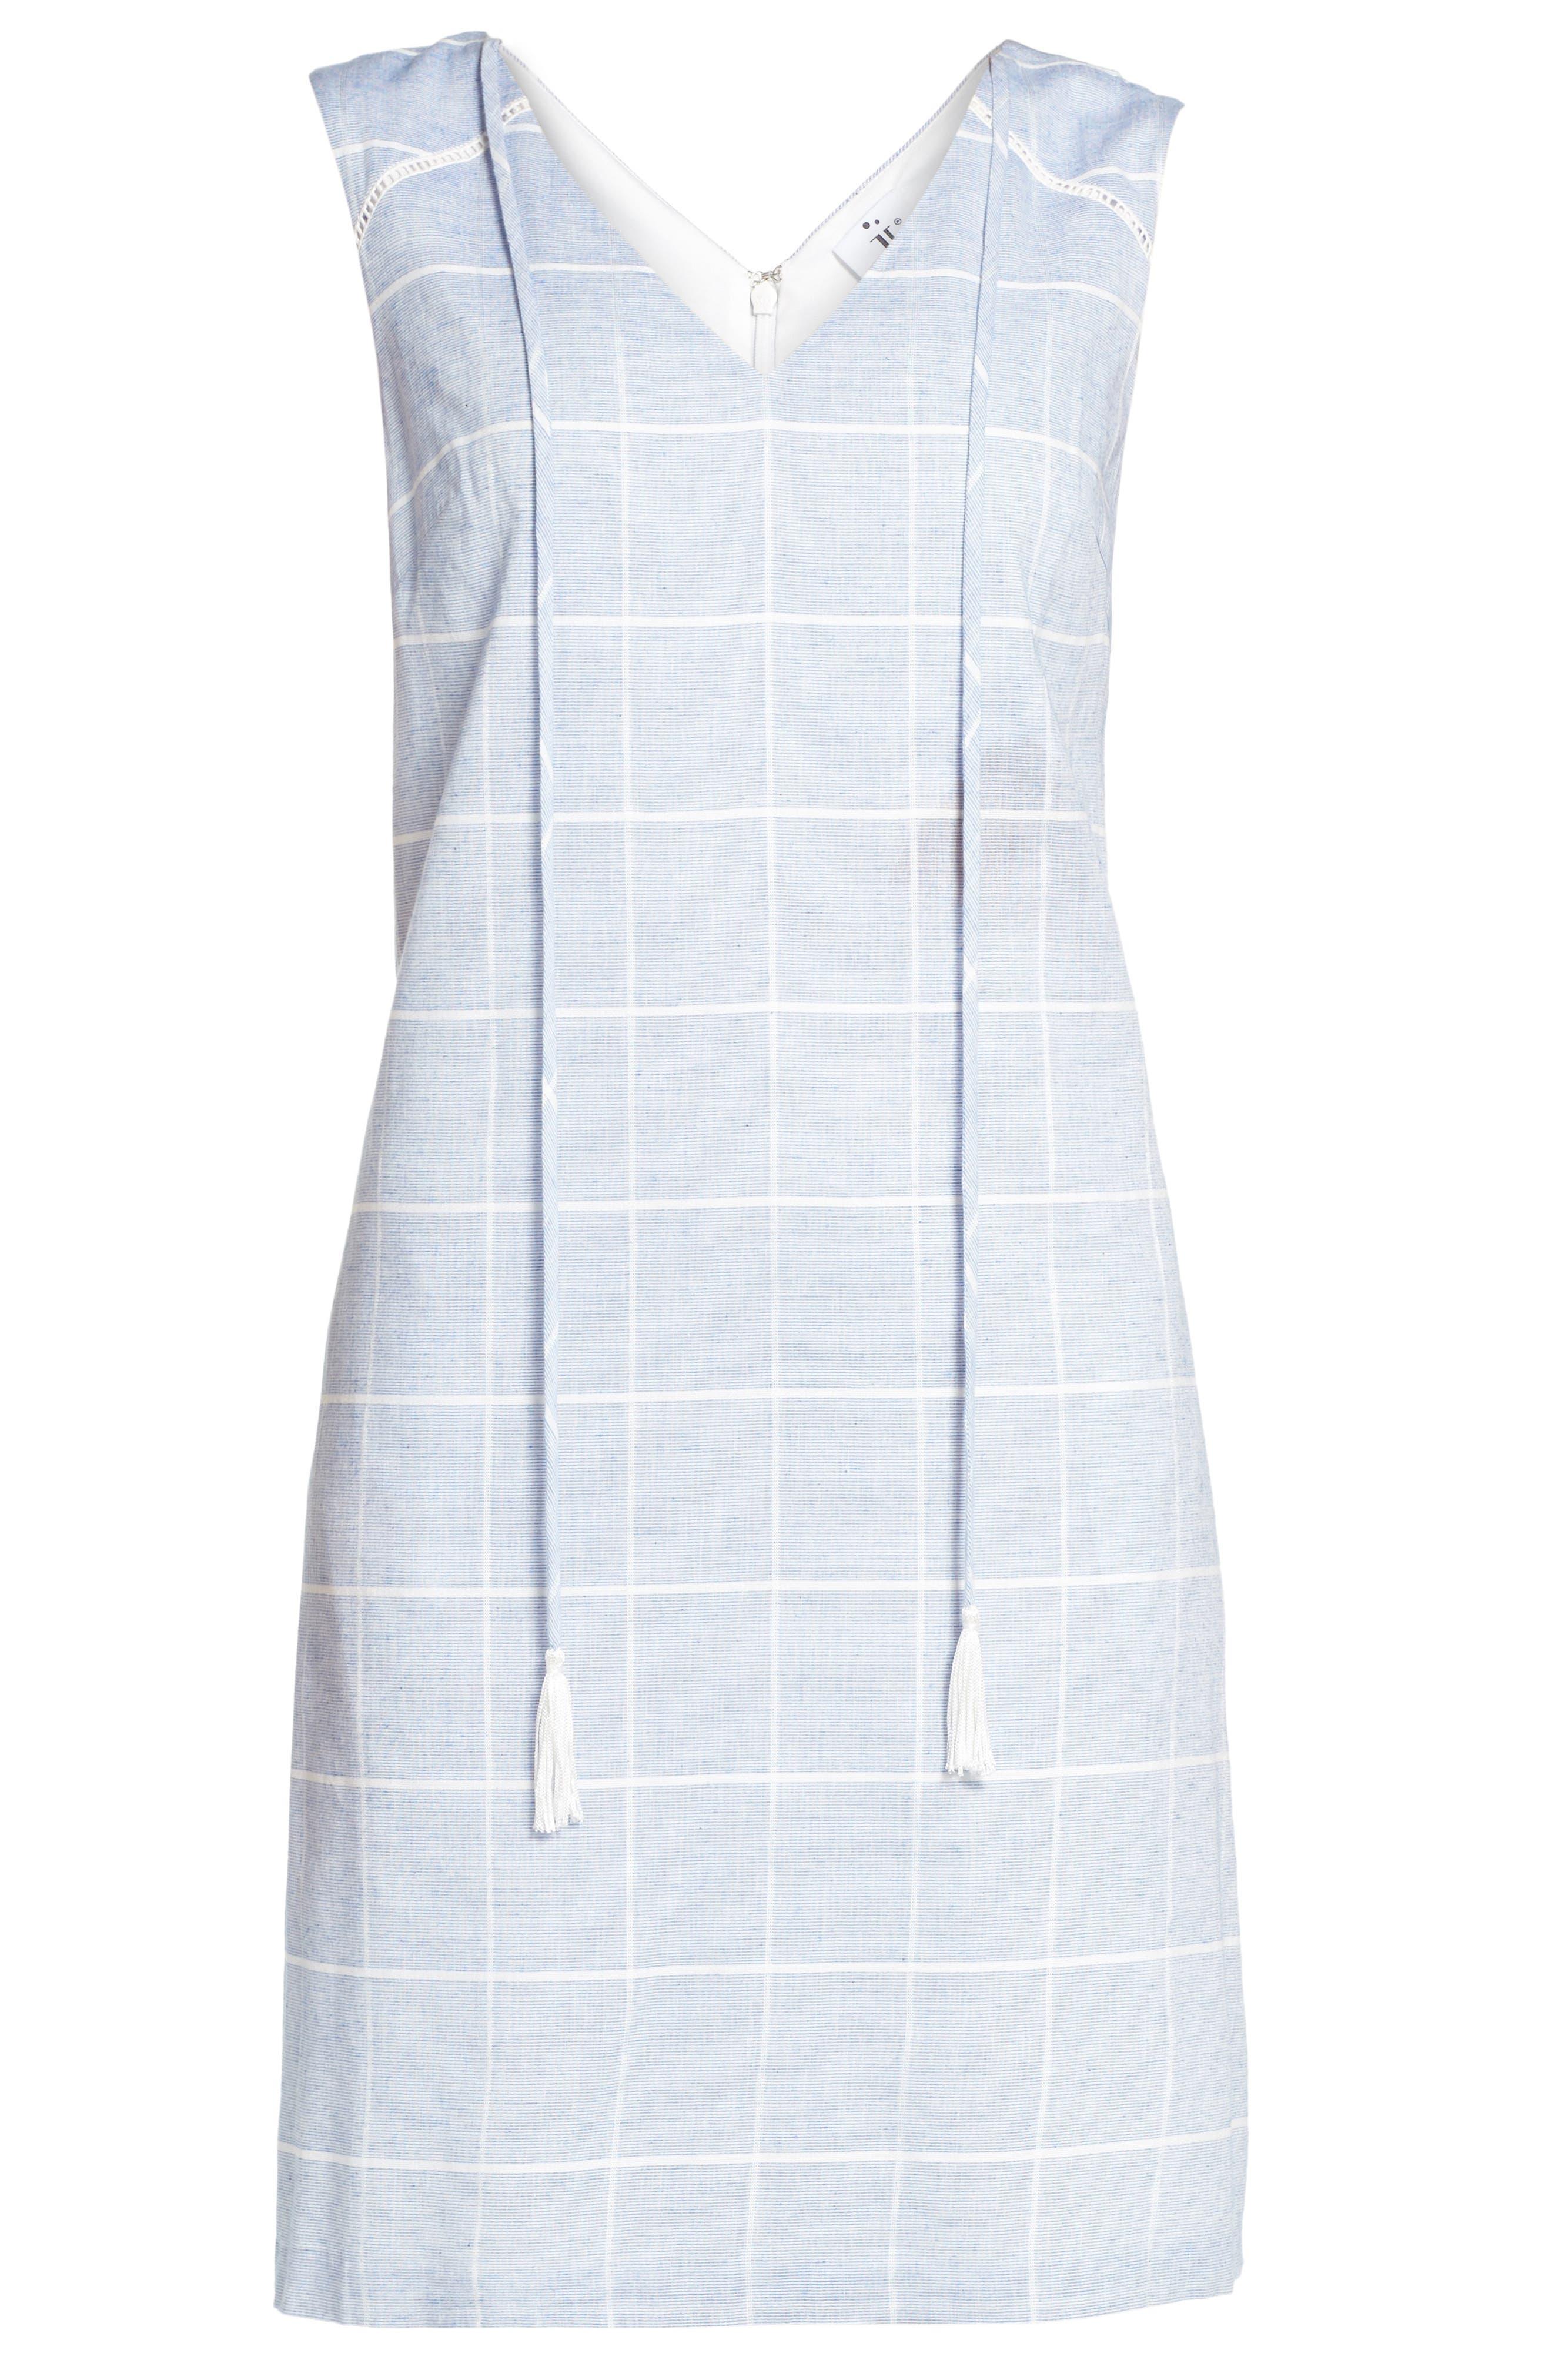 Cotton A-Line Dress,                             Alternate thumbnail 6, color,                             413